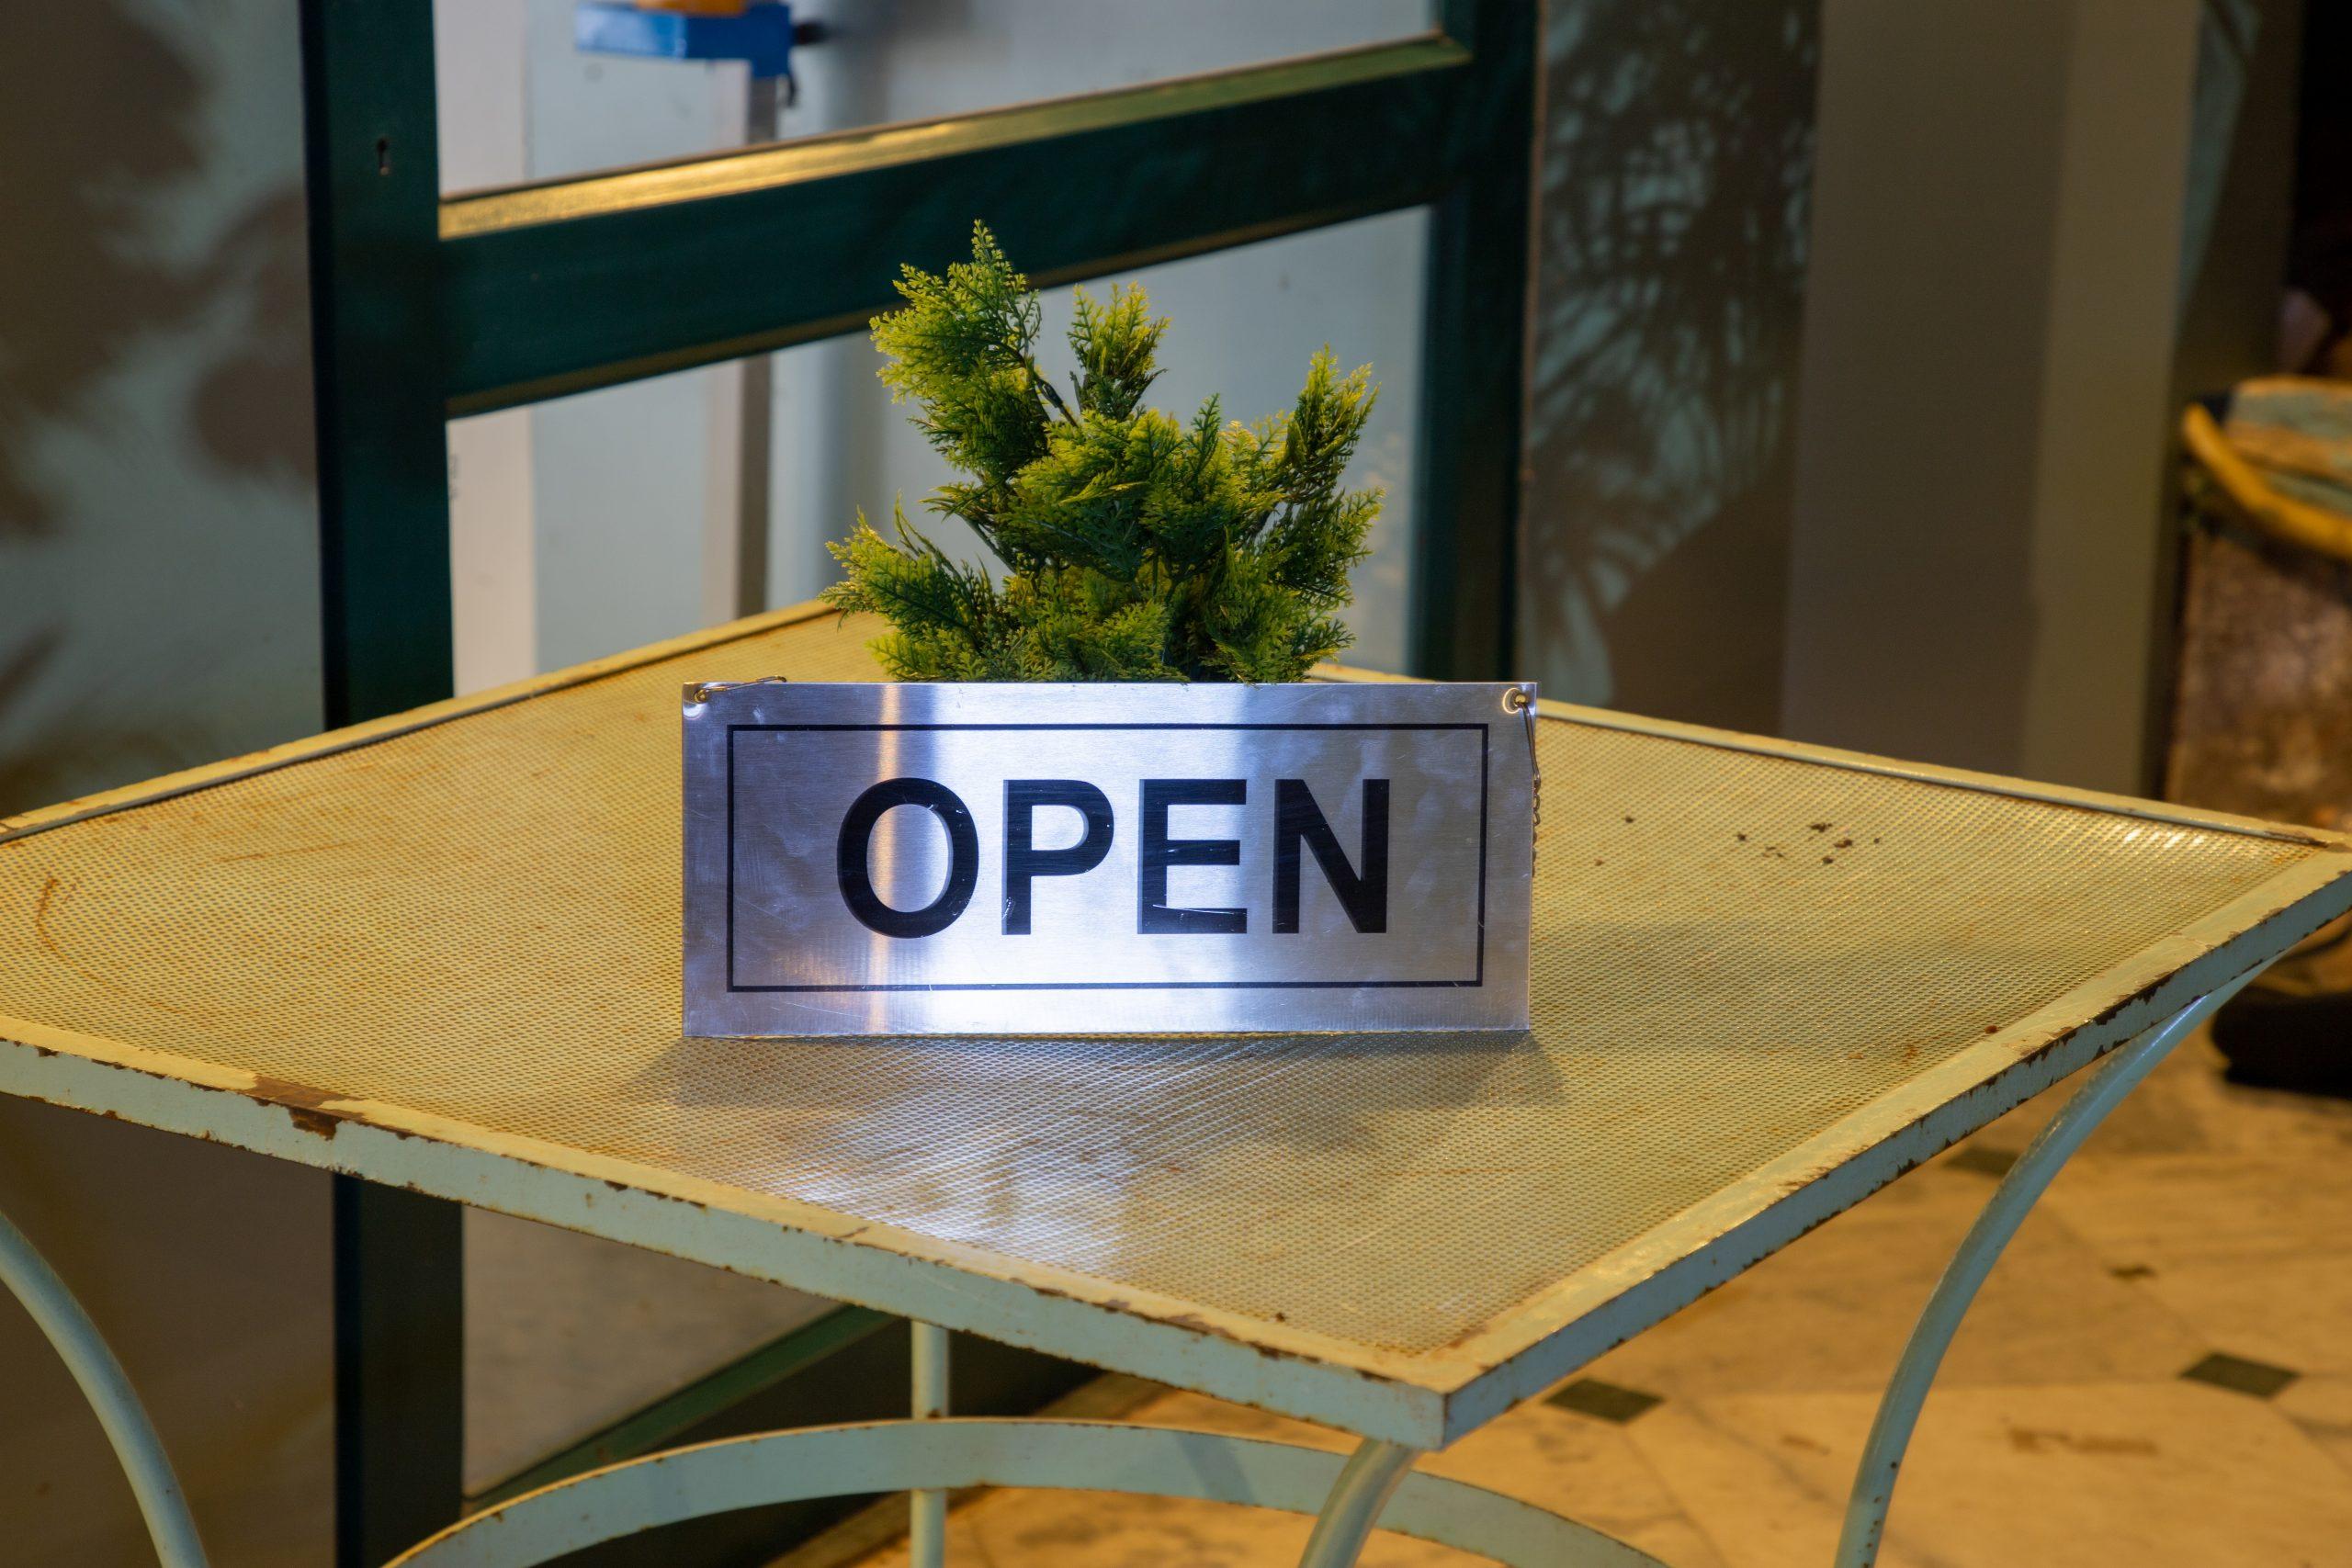 Open board in restaurant